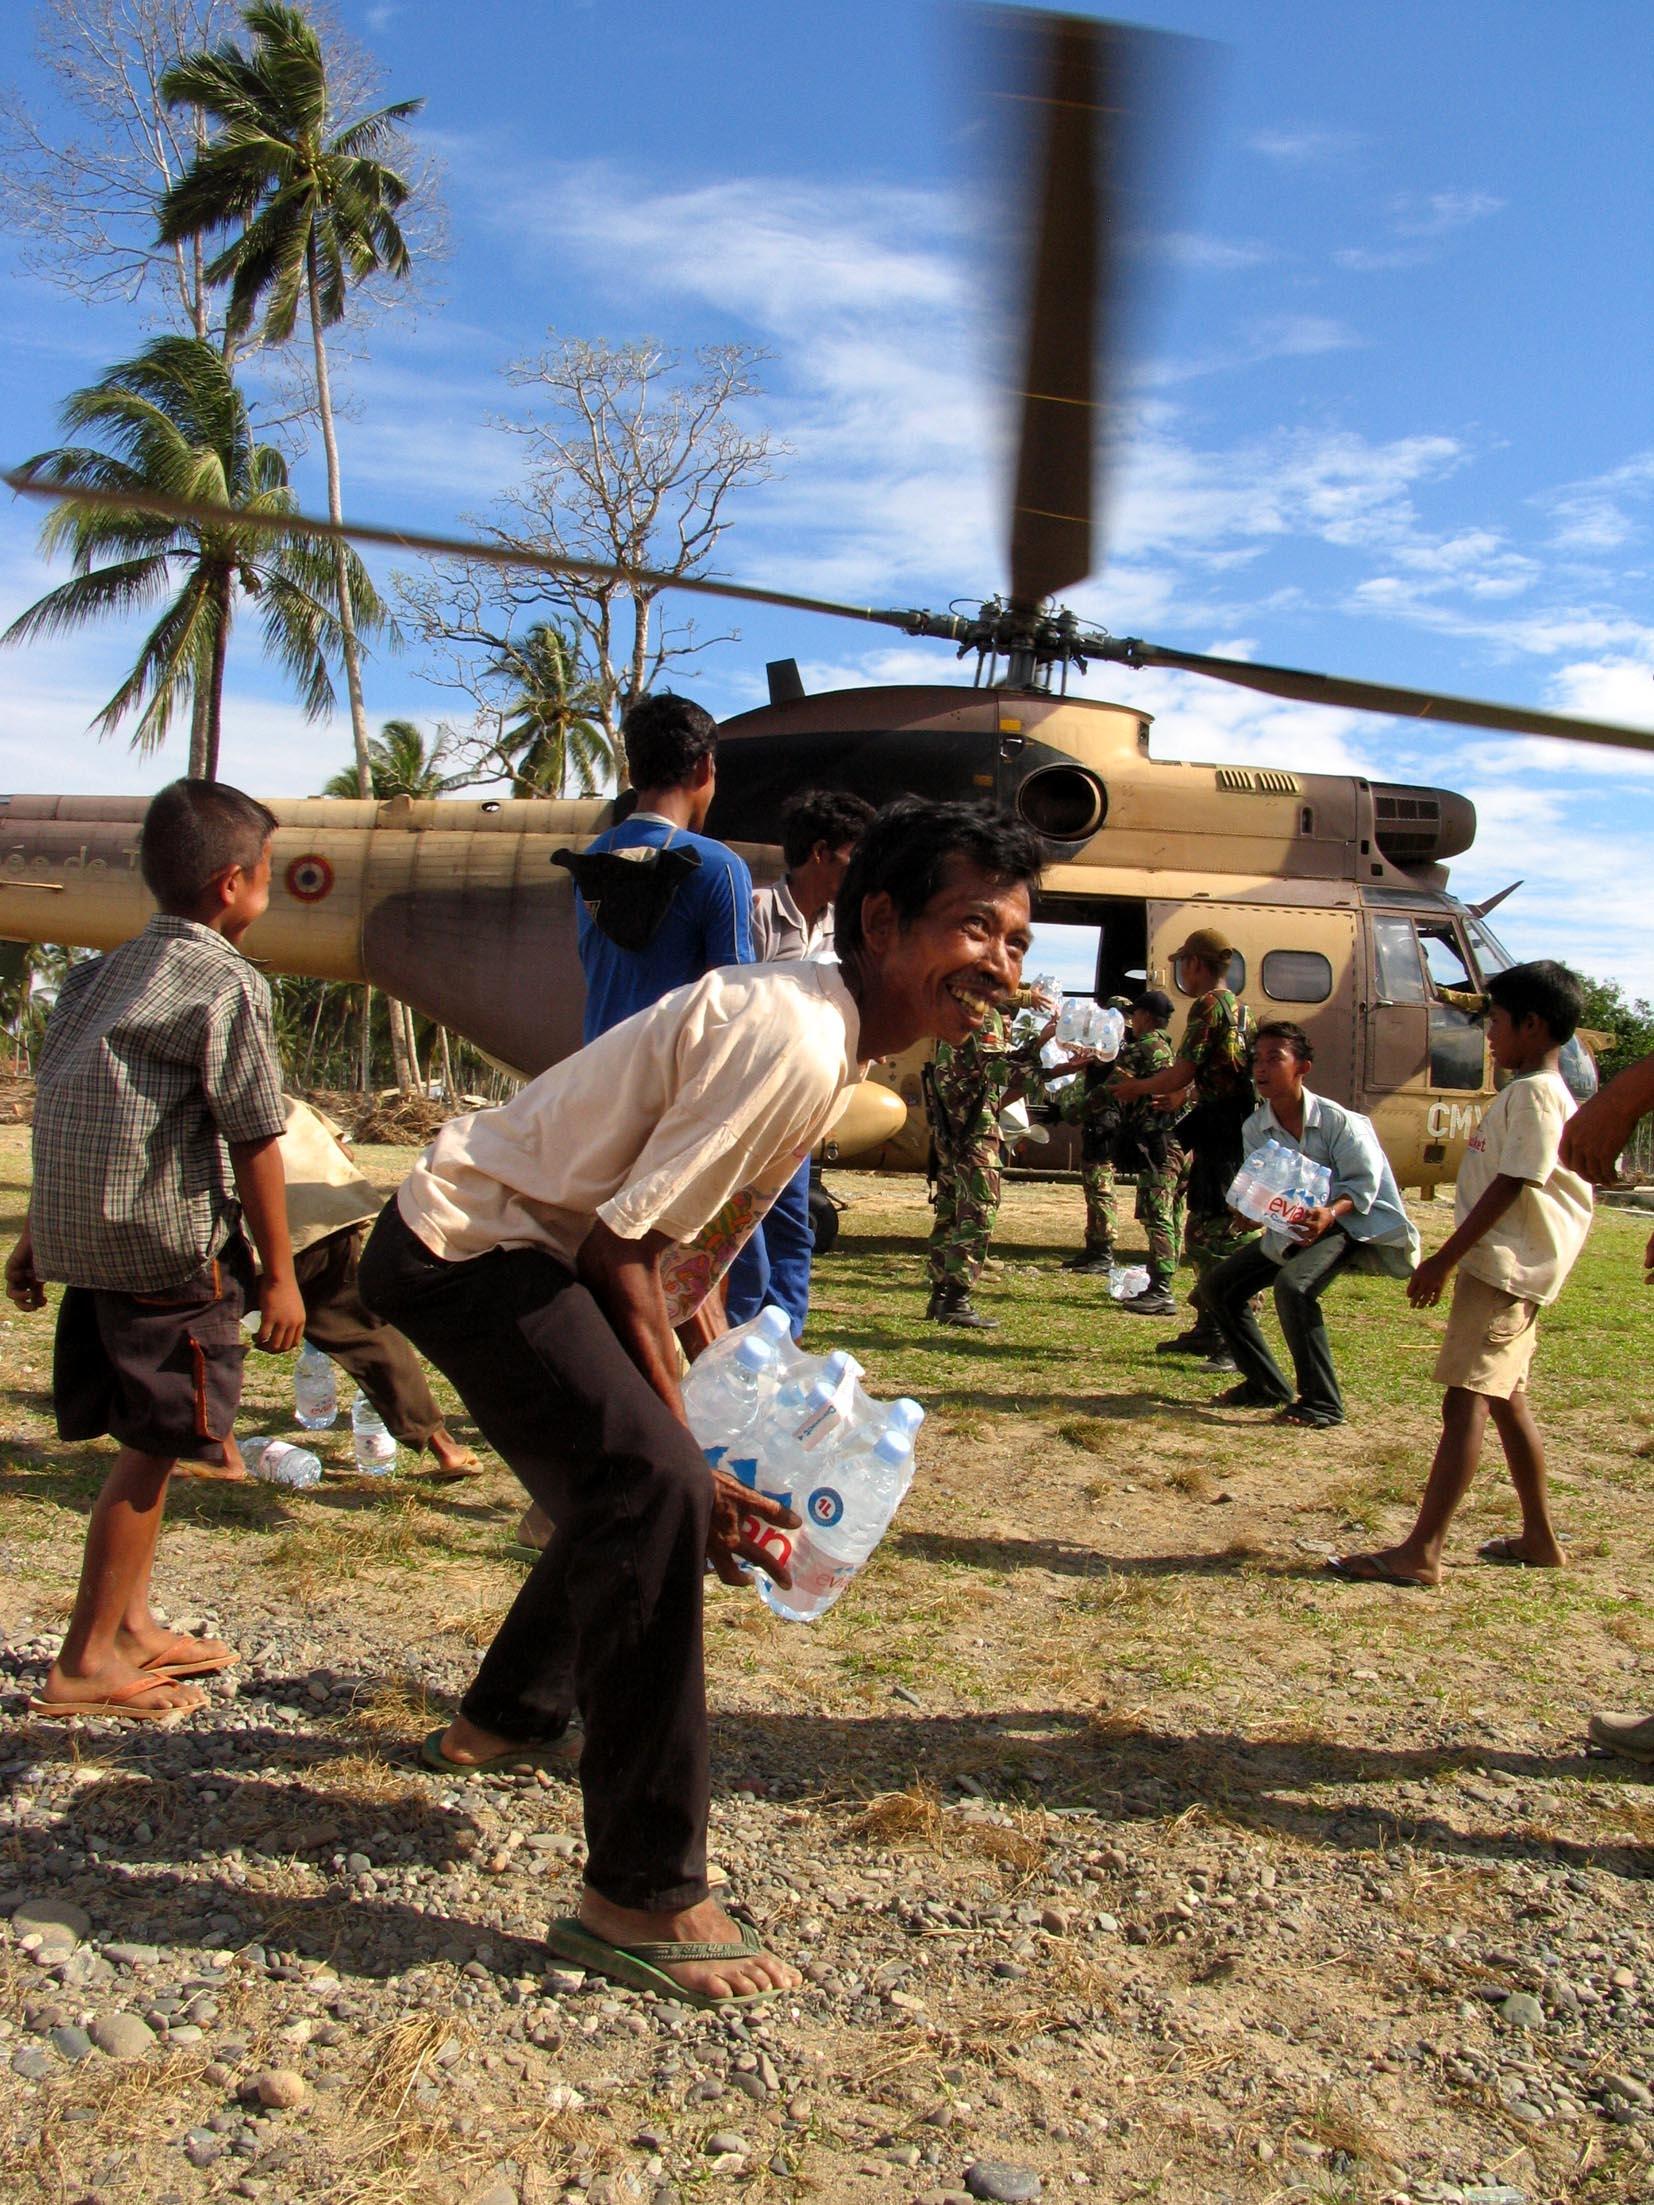 tsunami, indonésie, meulaboh, aceh, band aceh, mission beryx, humanitaire, militaire, assistance, marine, jeanne d'arc, porte-hélicoptères, R97, la jeanne